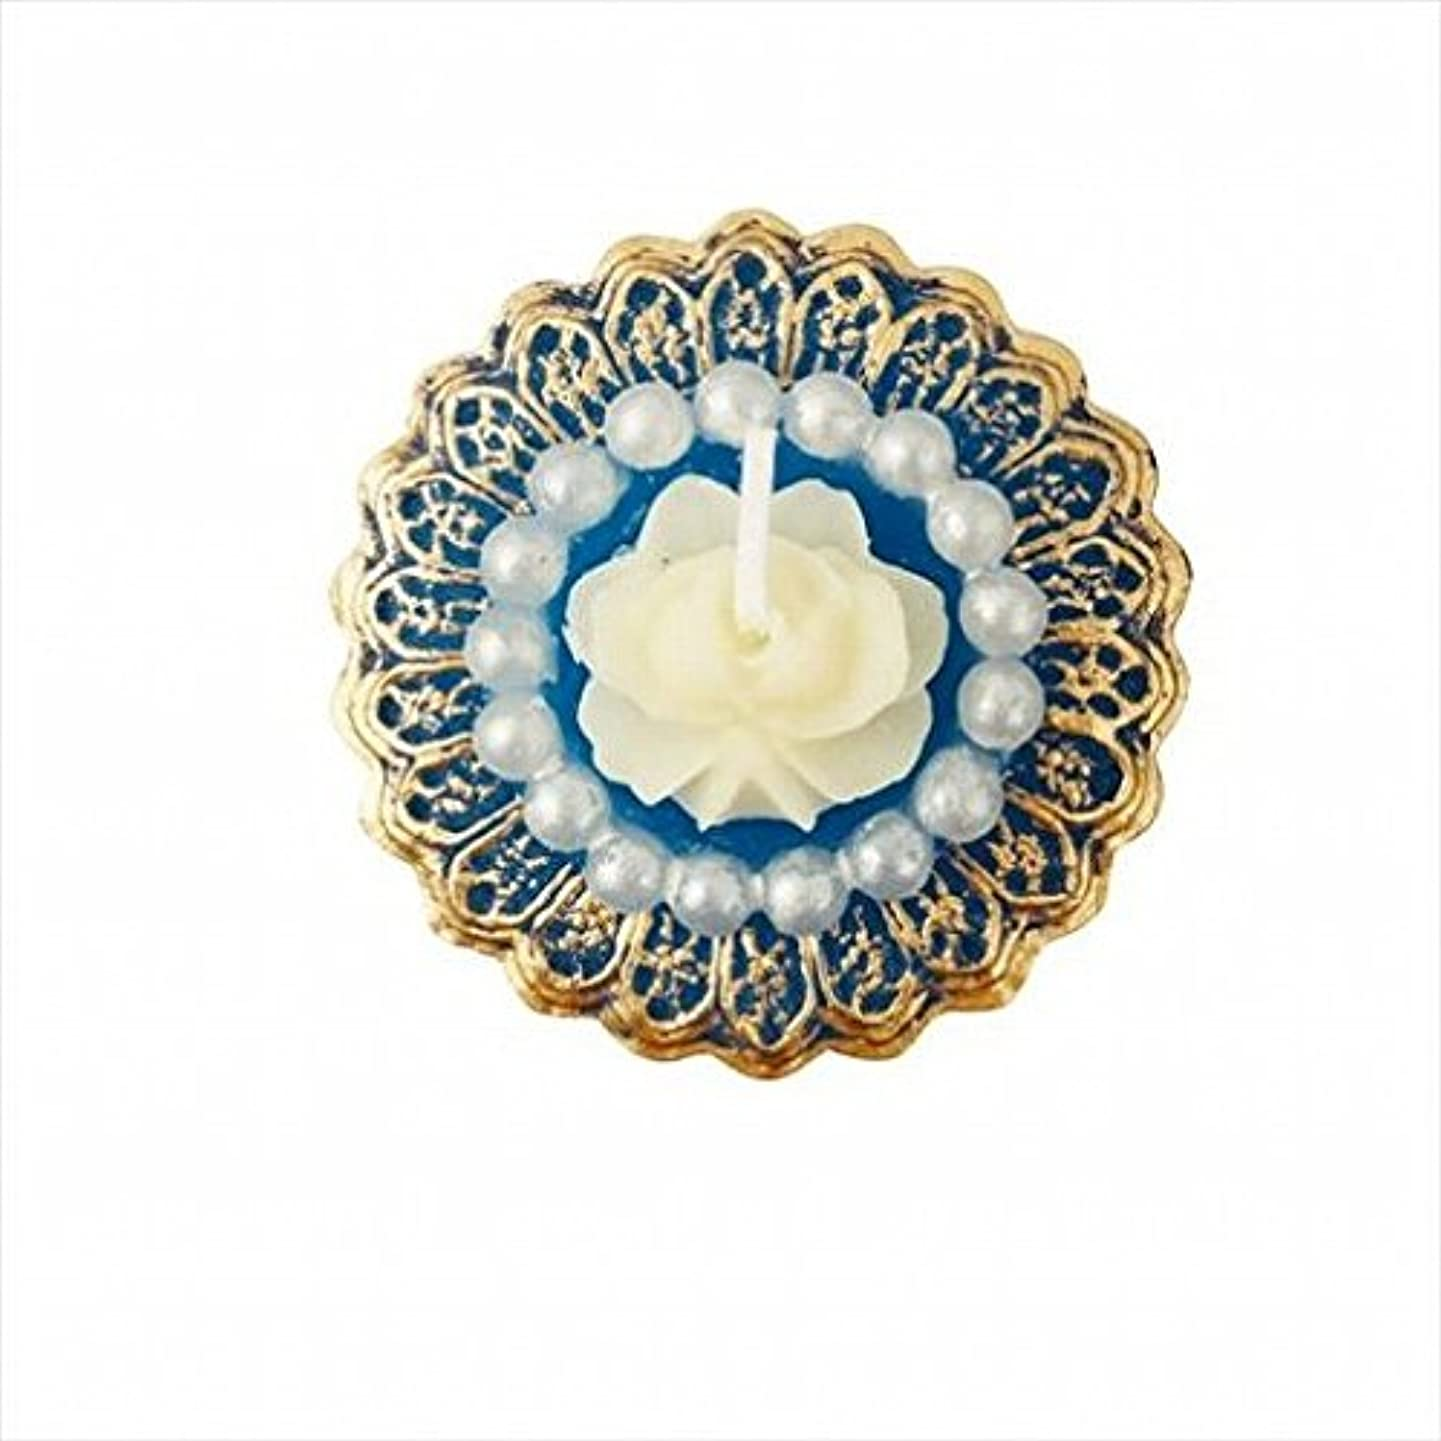 子豚海骨髄kameyama candle(カメヤマキャンドル) アンティークジュエリー 「 ブルーローズシェル 」 キャンドル 48x48x24mm (A4380020)